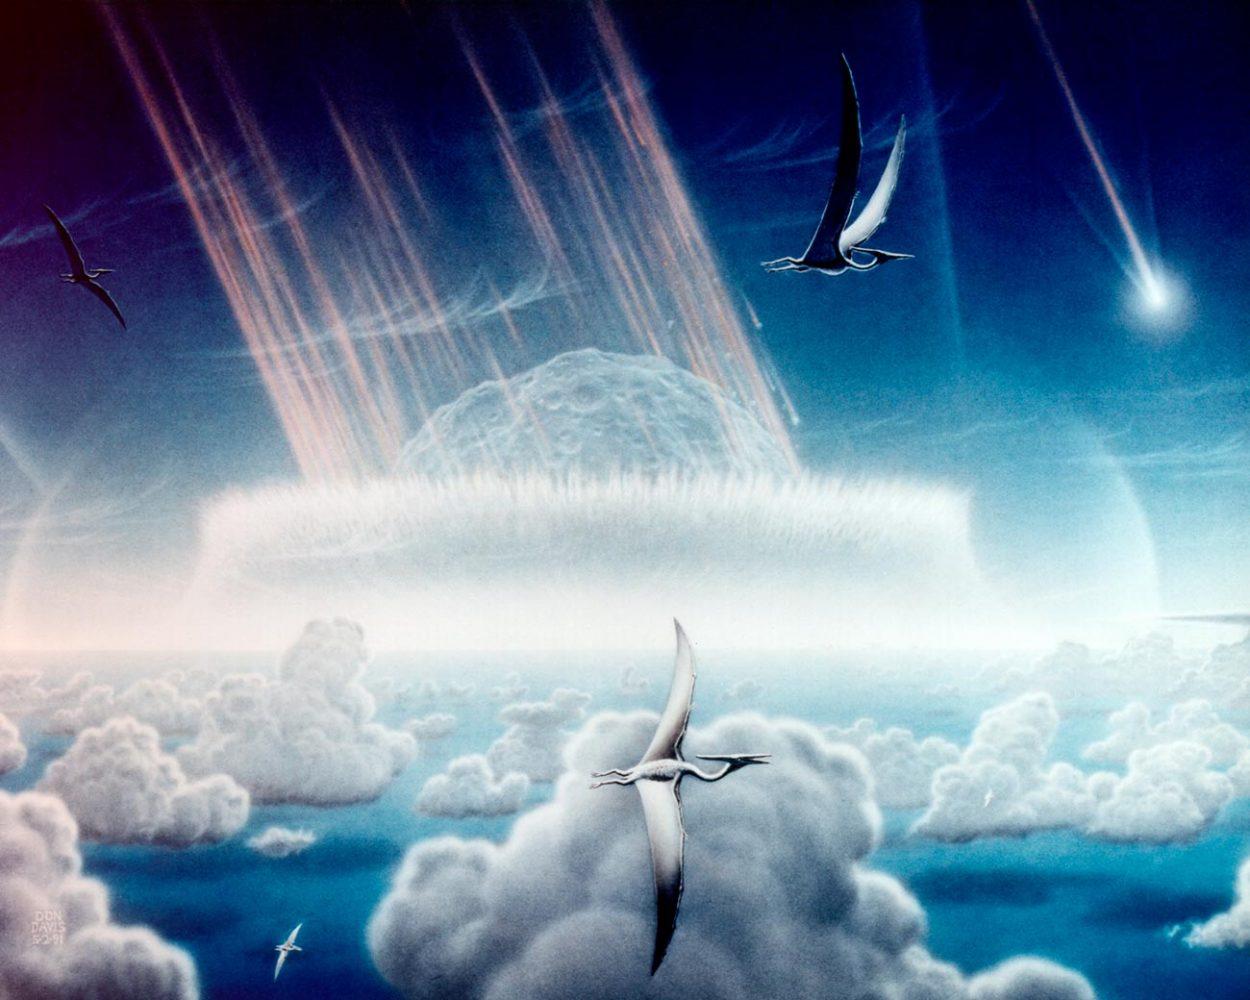 Столкновения Земли с астероидом. Художник Дональд Дэвис